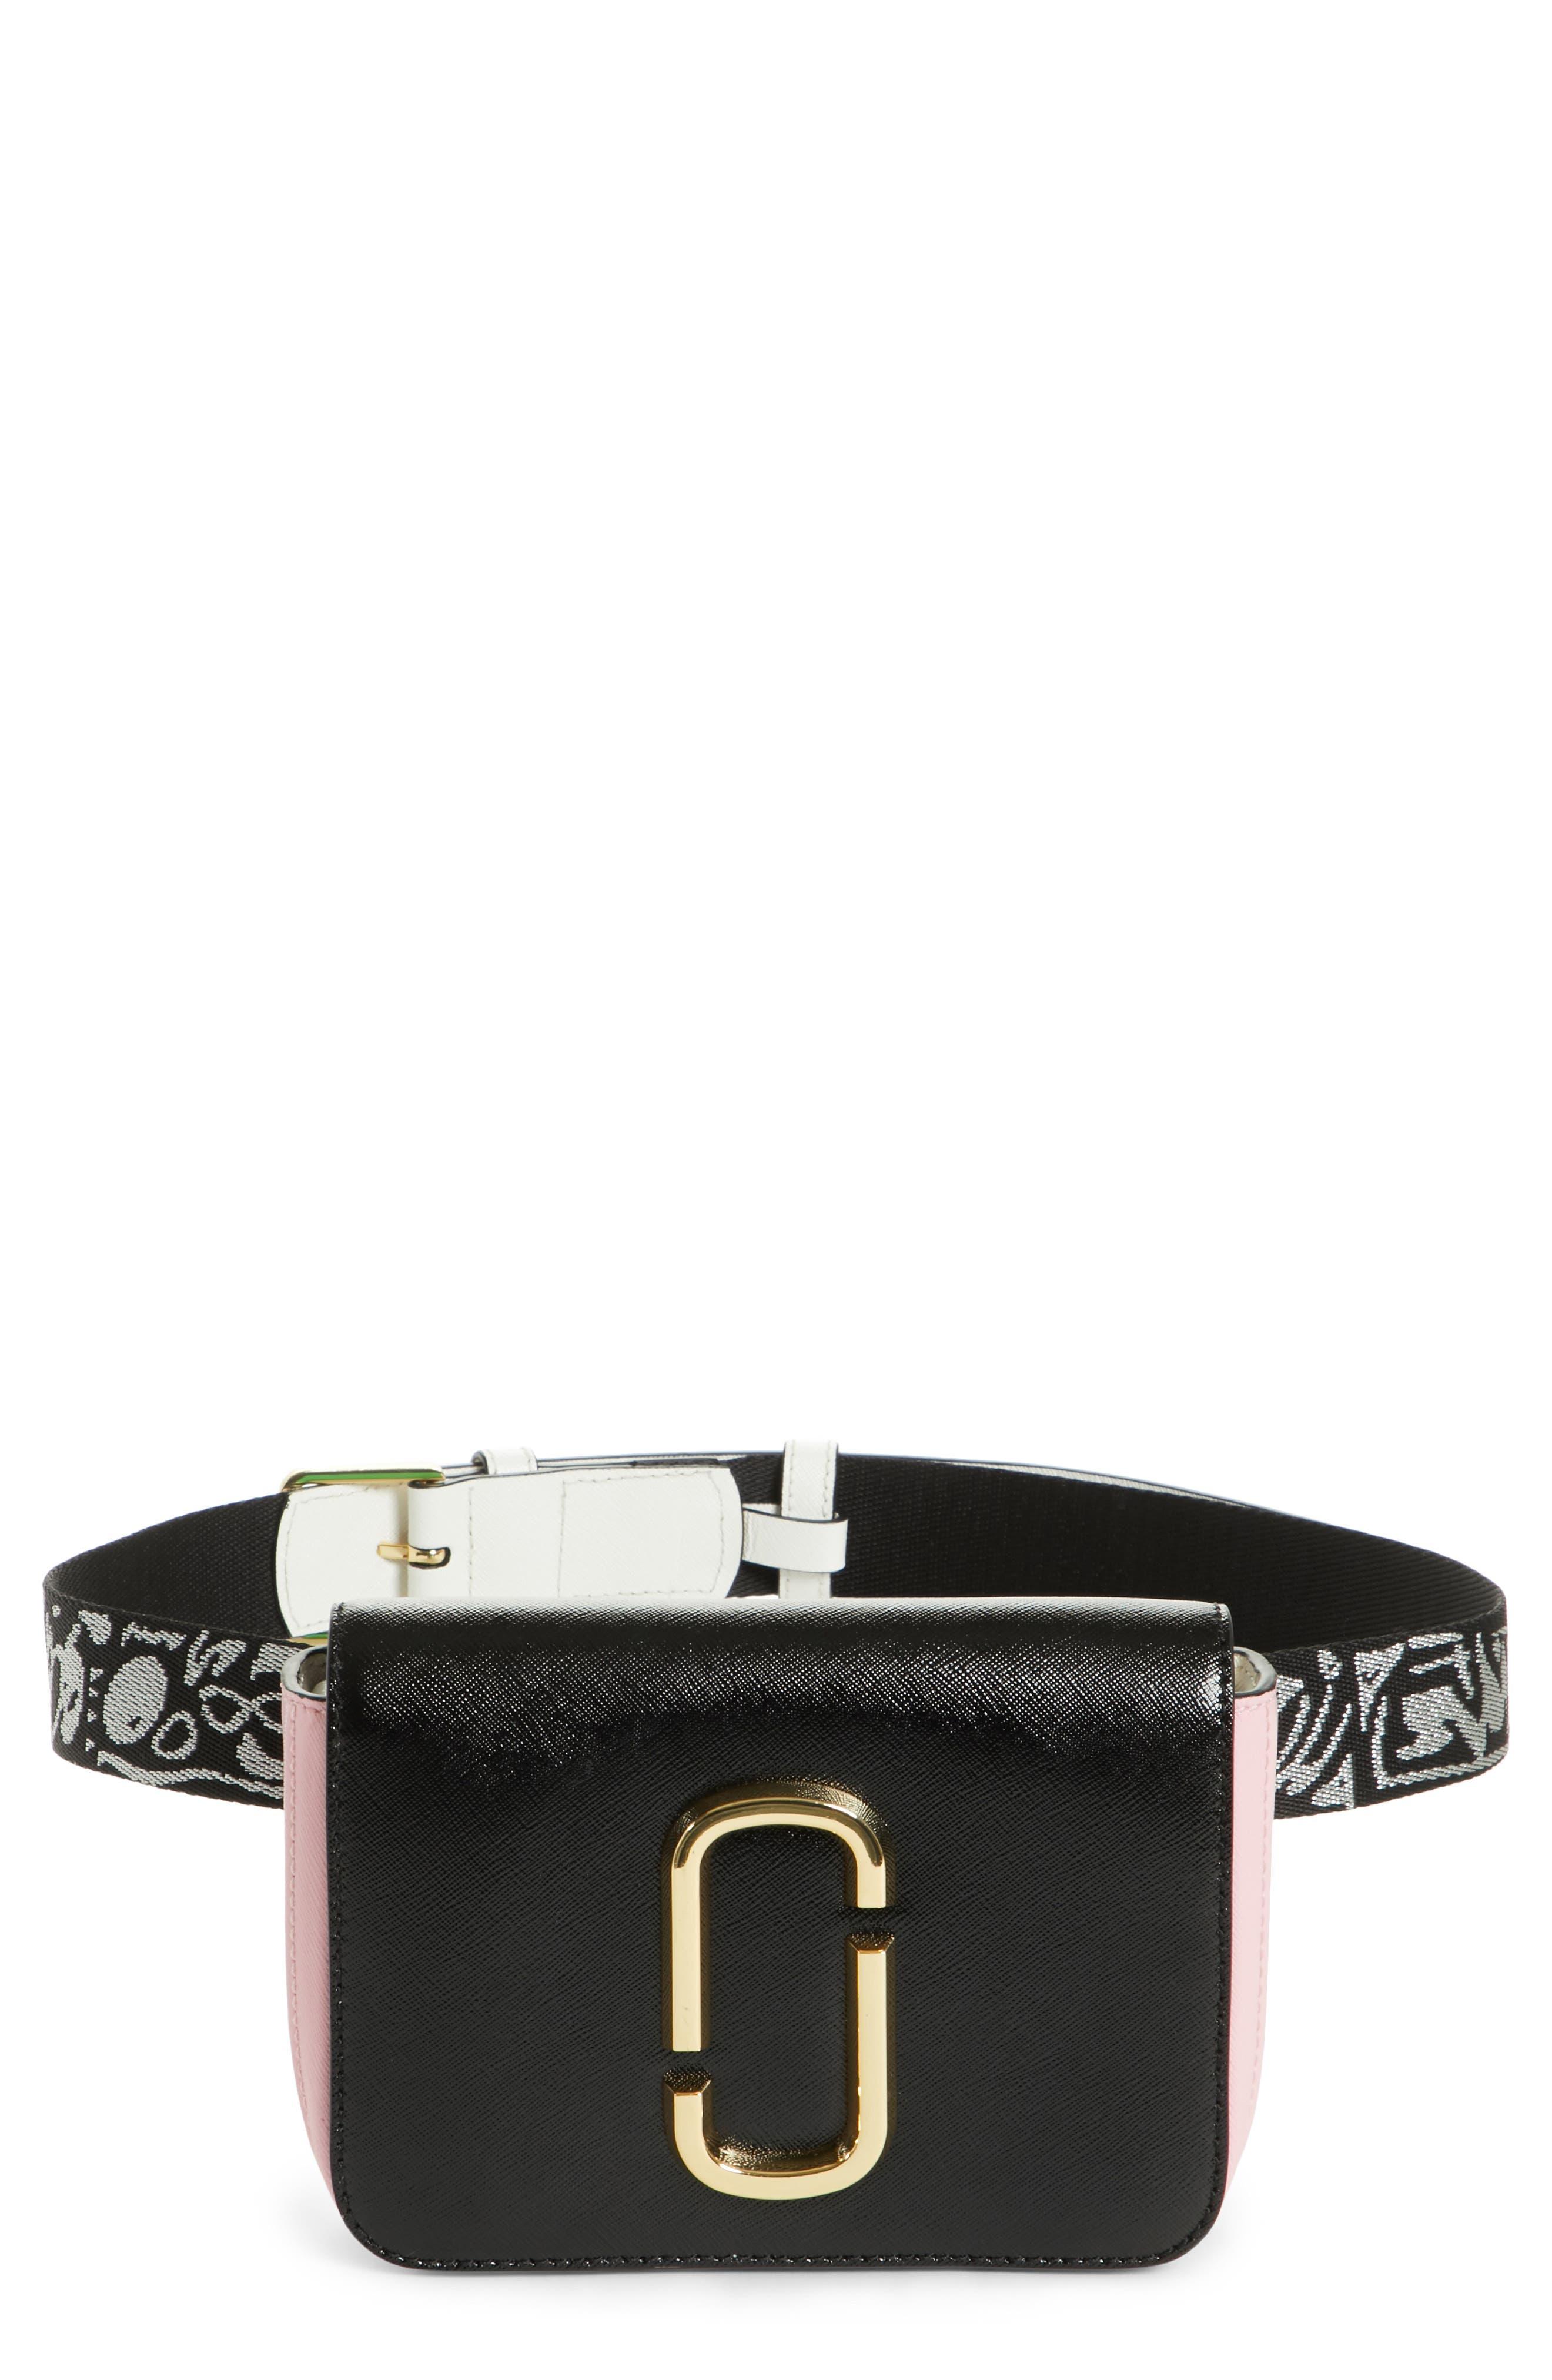 Hip Shot Convertible Crossbody Bag,                             Main thumbnail 1, color,                             BLACK/ BABY PINK